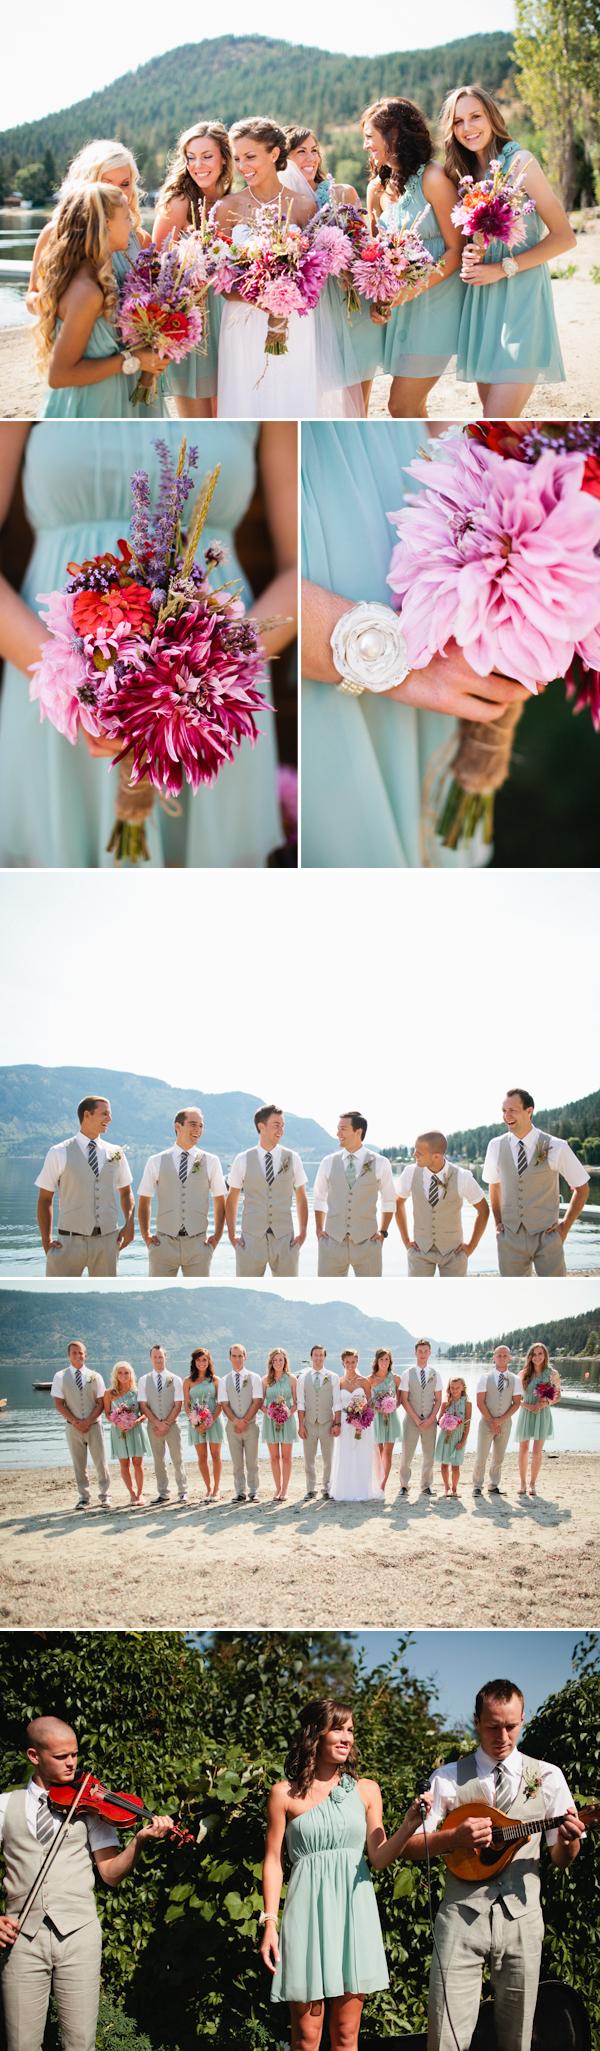 05_weddingparty